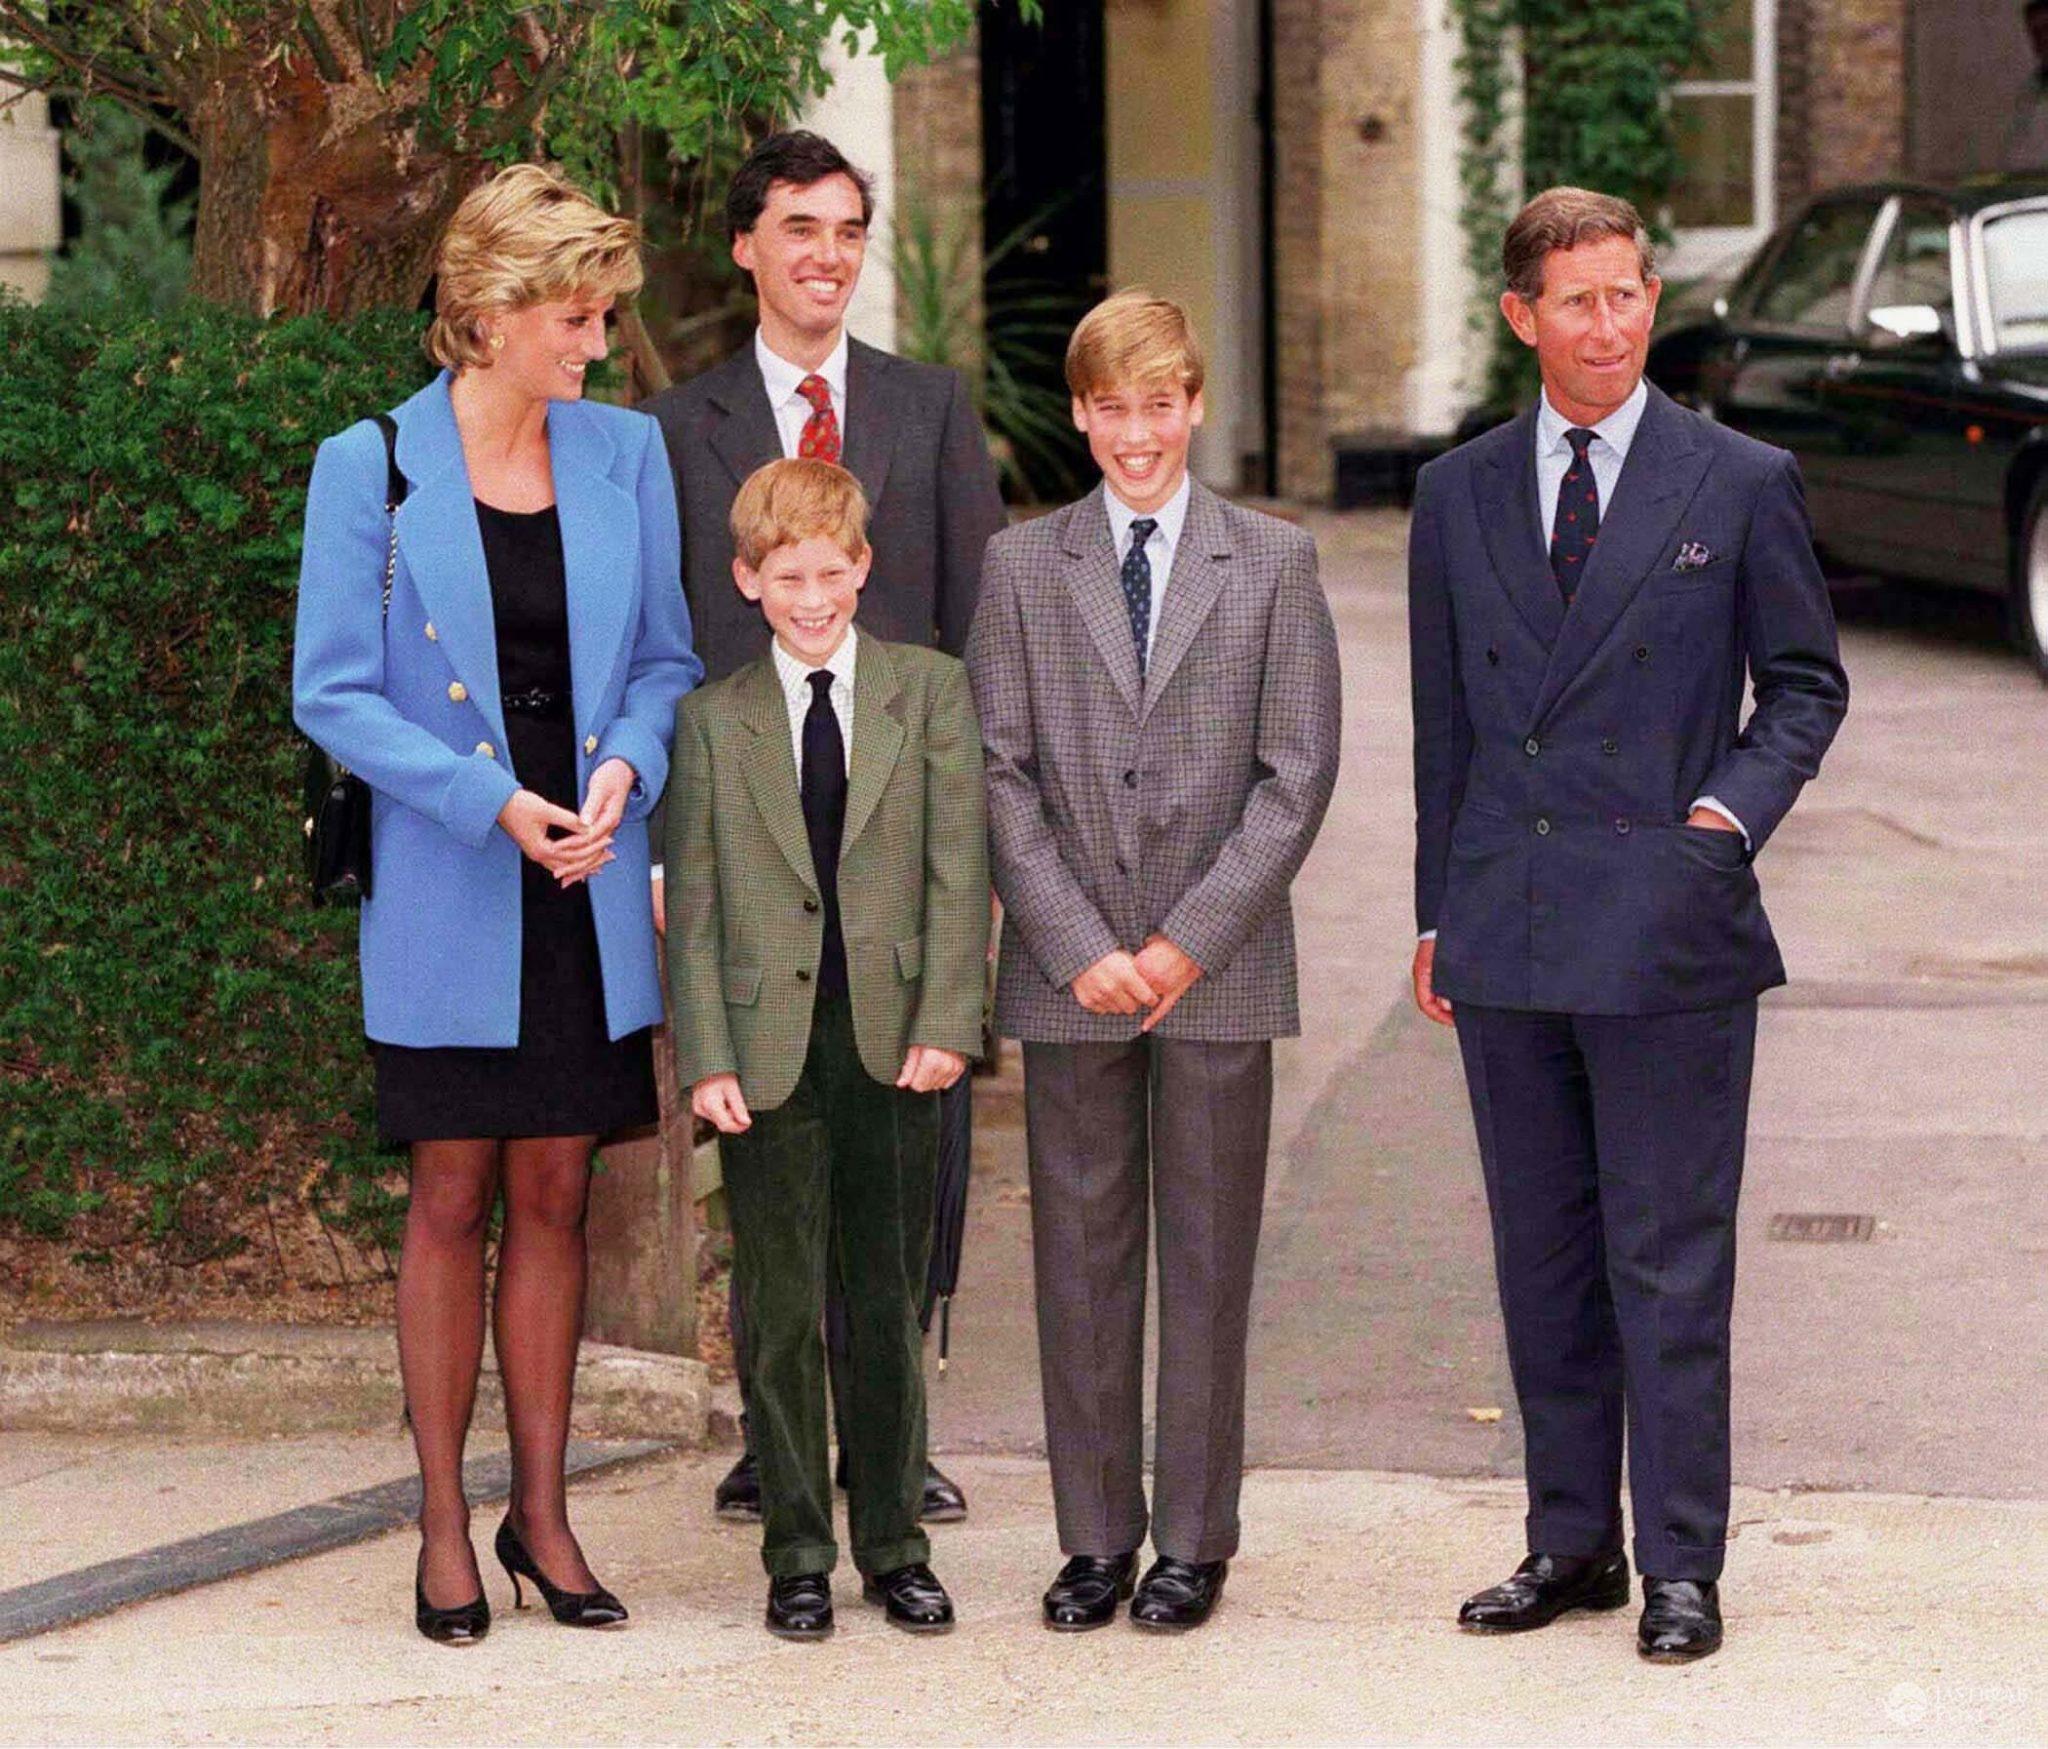 Księżna Diana i książę William z synami: Harrym i Williamem (fot. ONS)